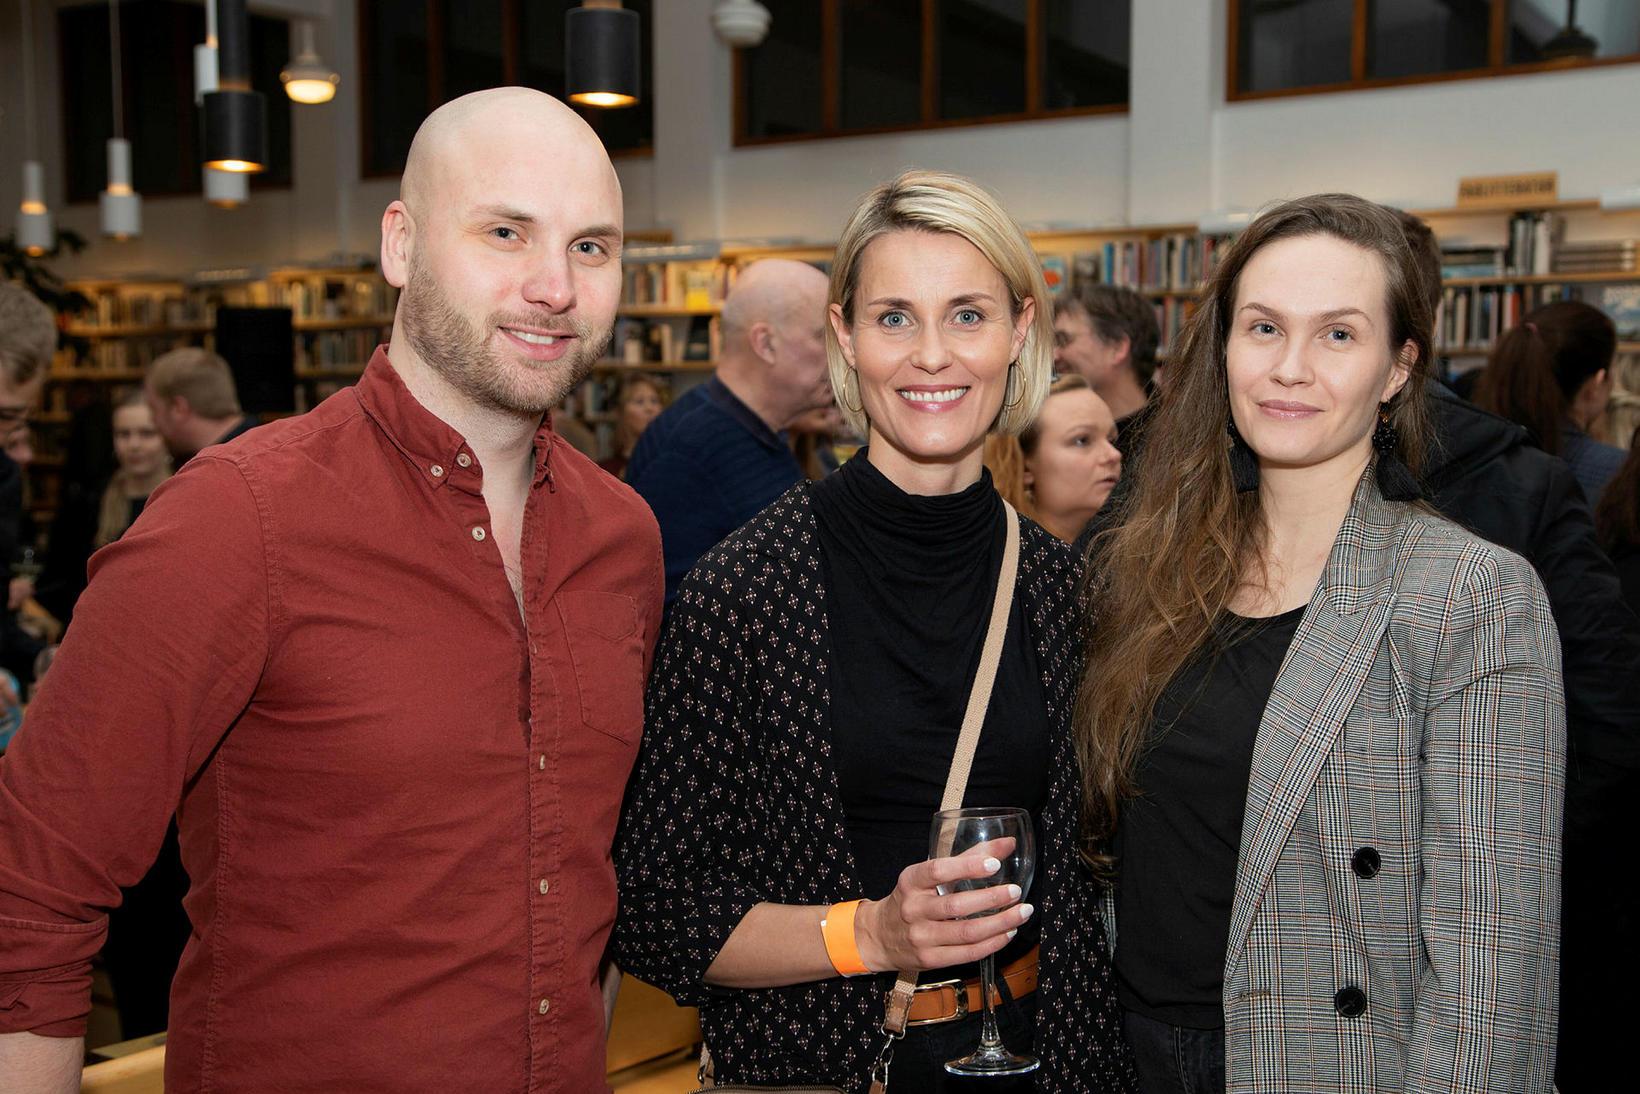 Grétar Jónsson, Freyja Kristinsdóttir og Eva Rós Stefánsdóttir.